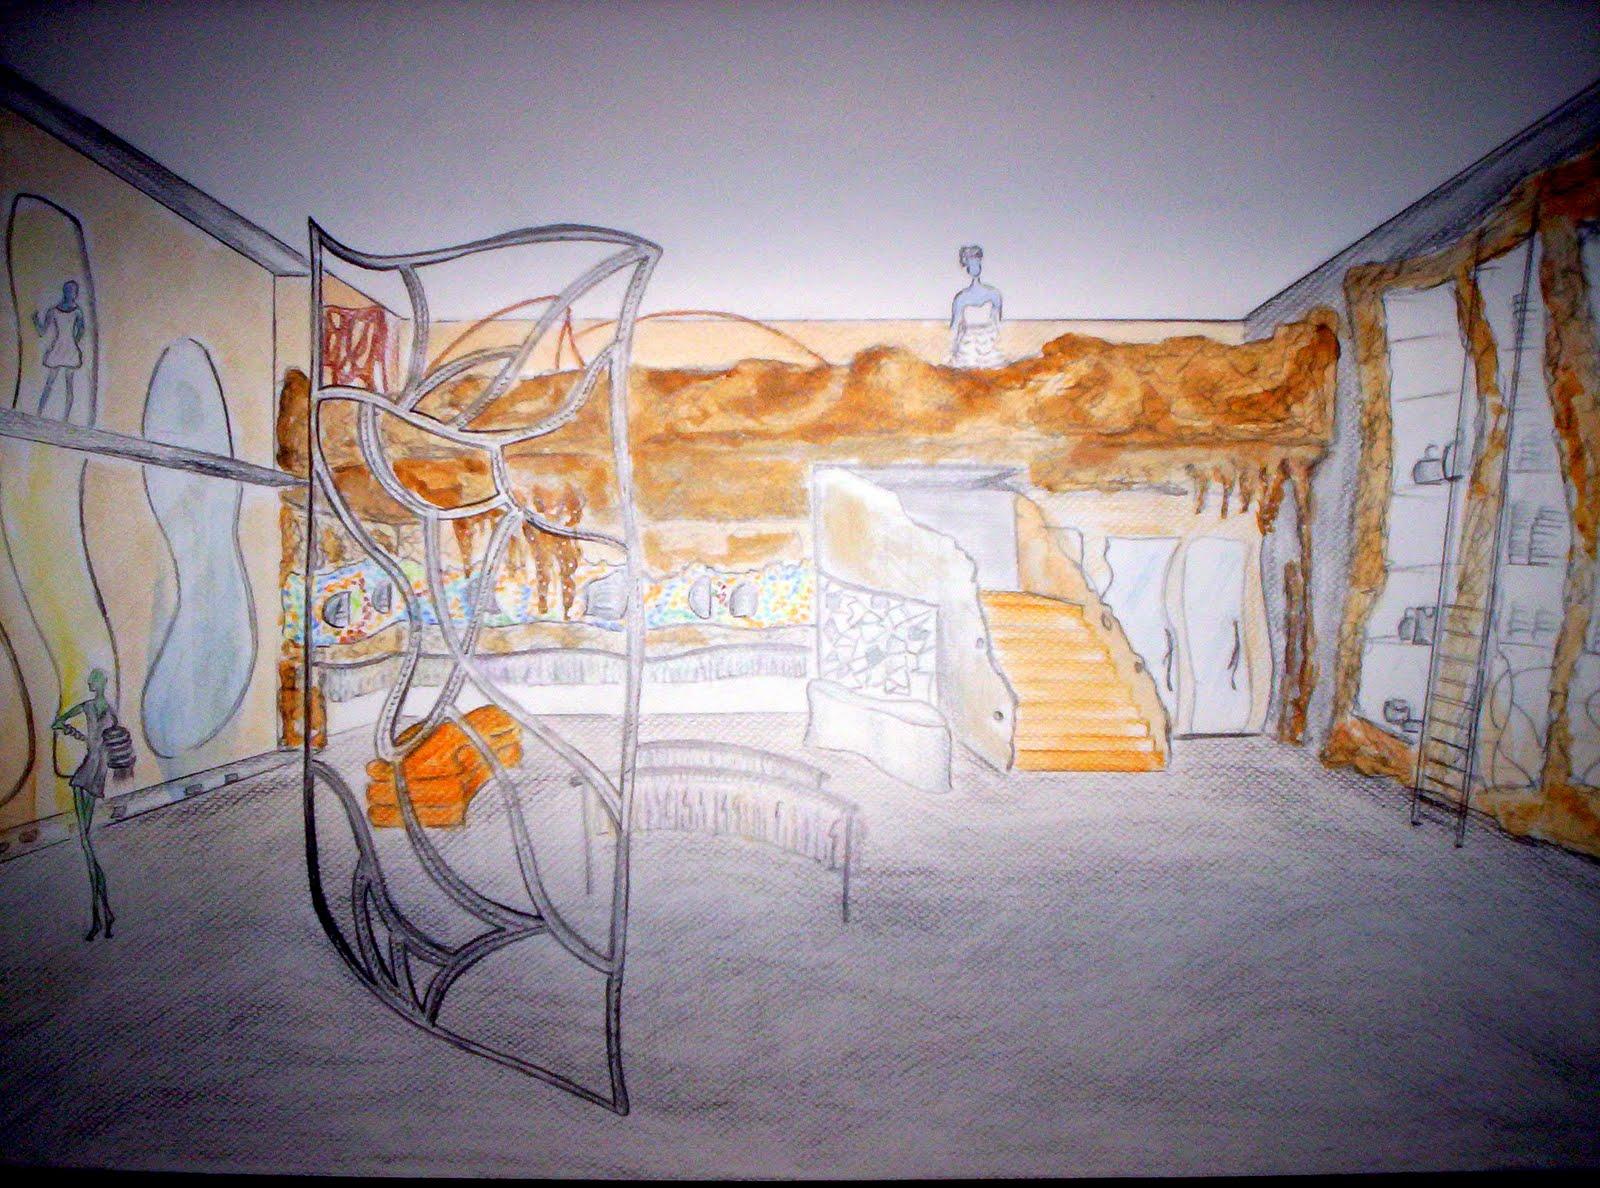 Dise o de interiores proyecto tienda de ropa 2009 for Diseno de interiores almacenes de ropa